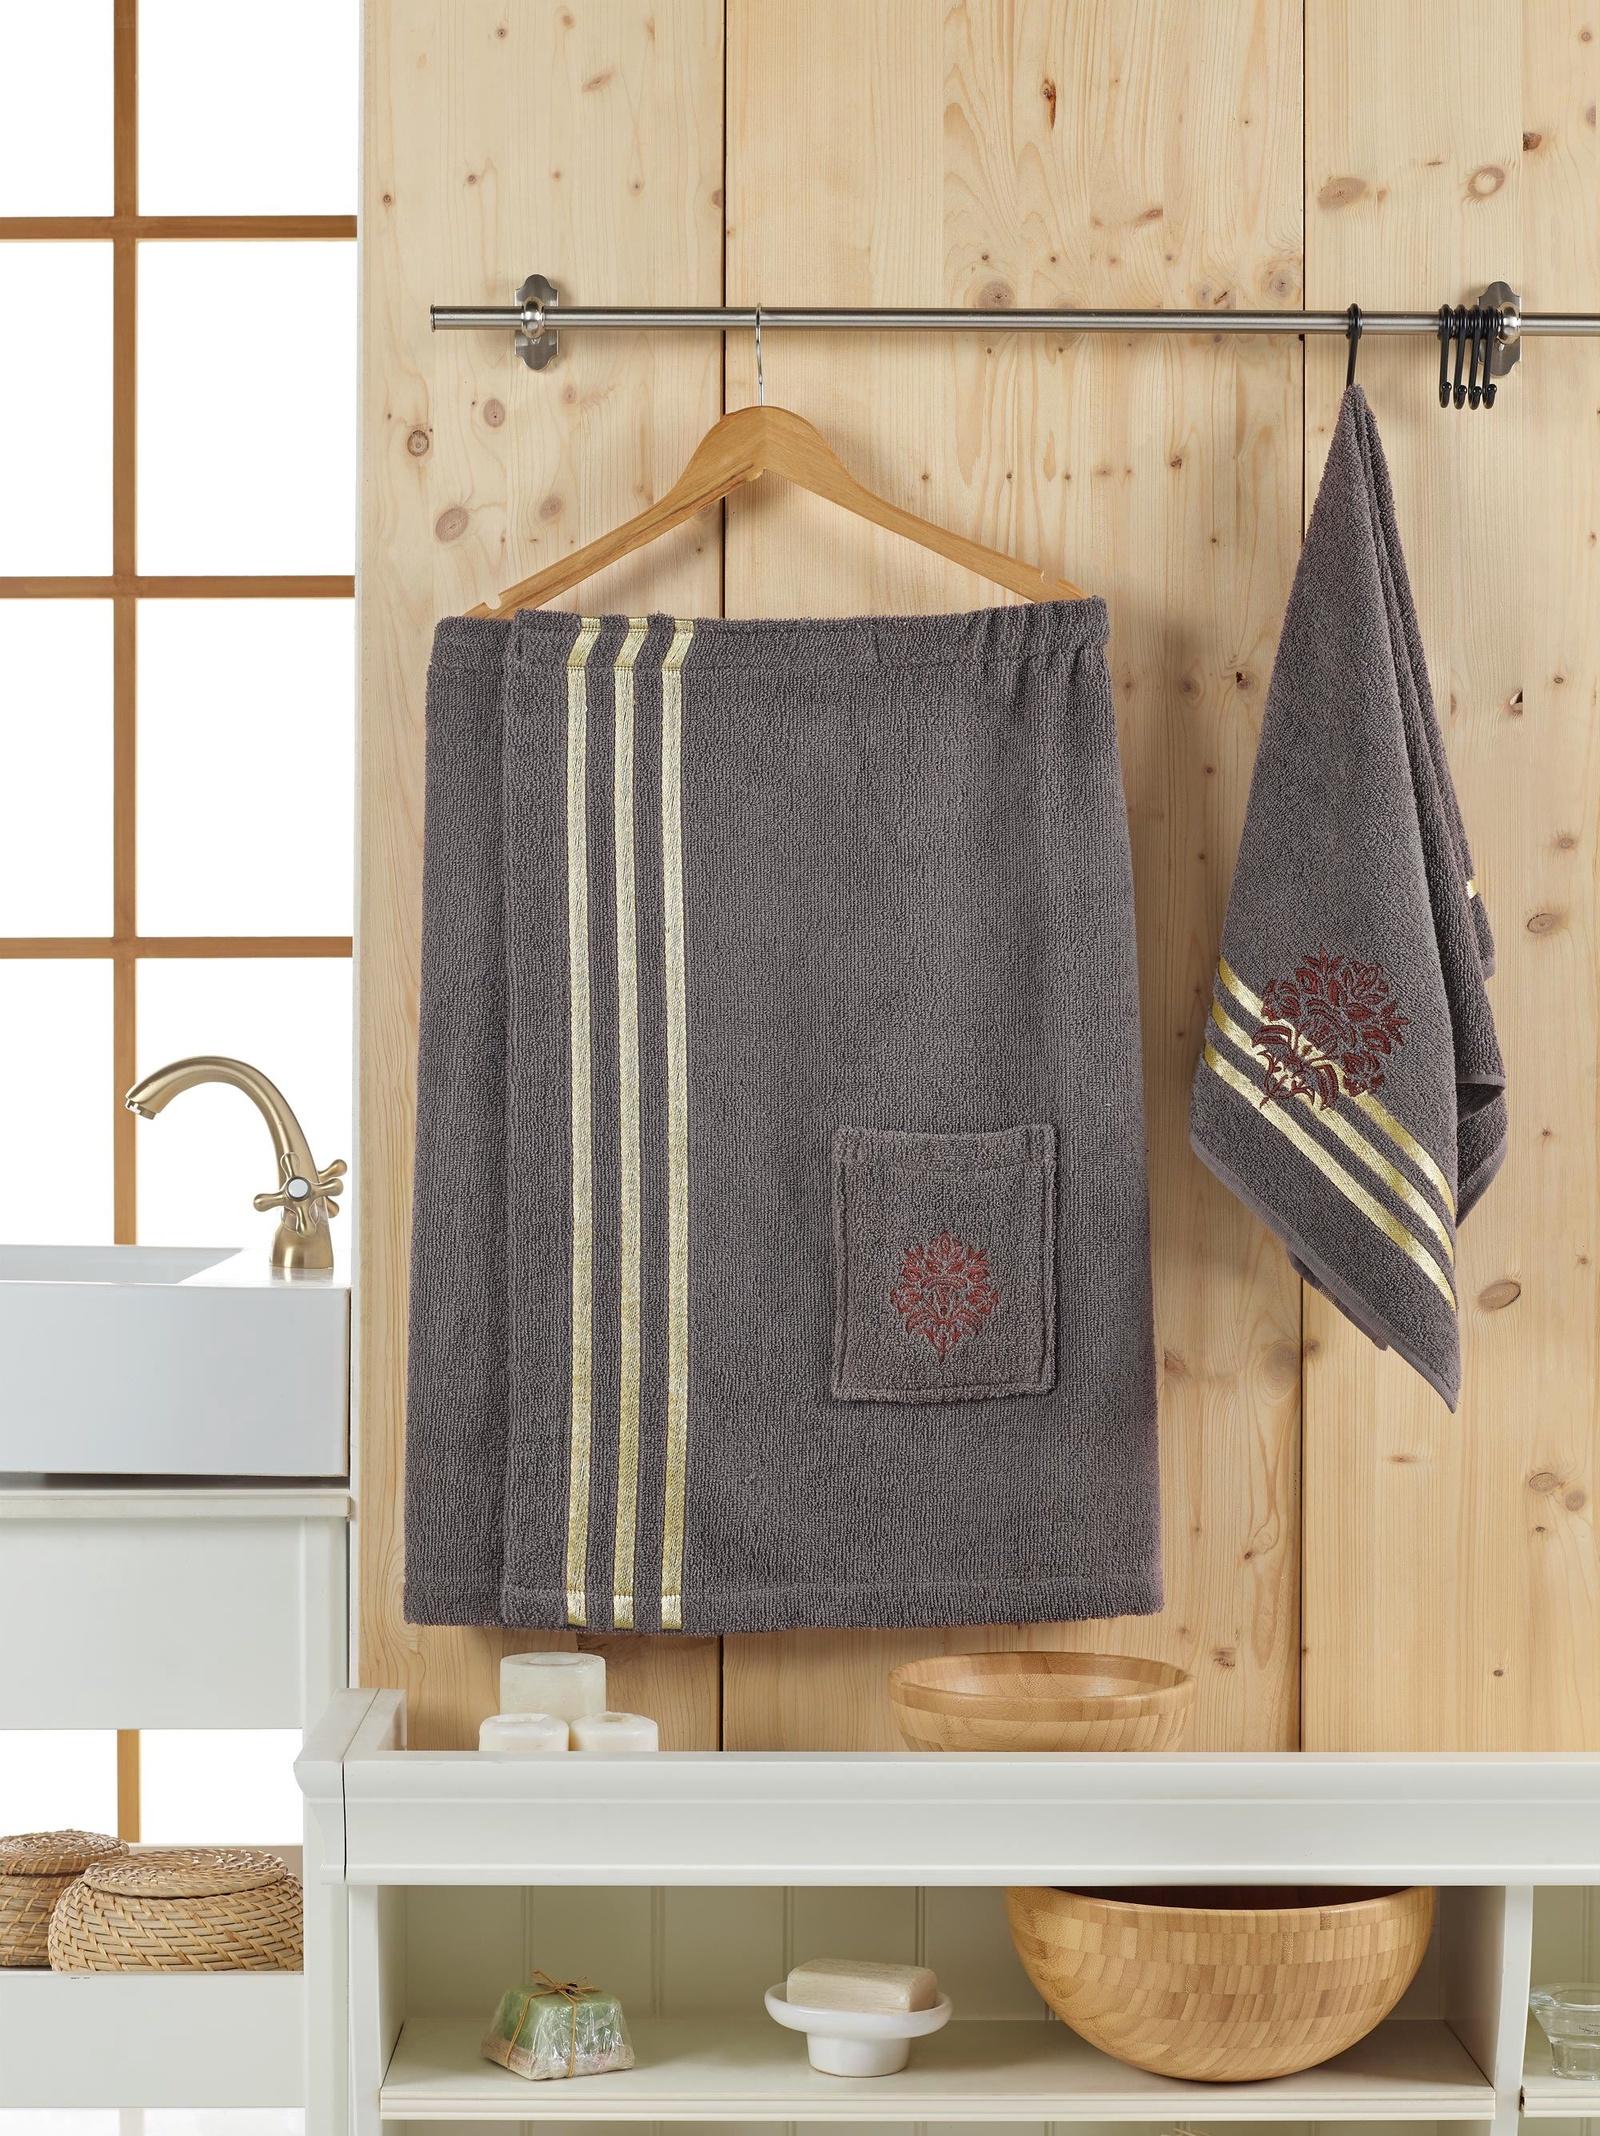 Банный комплект JUANNA Сауна женская SEVAKIN_коричневый, коричневый банный комплект juanna сауна женская sevakin коричневый коричневый